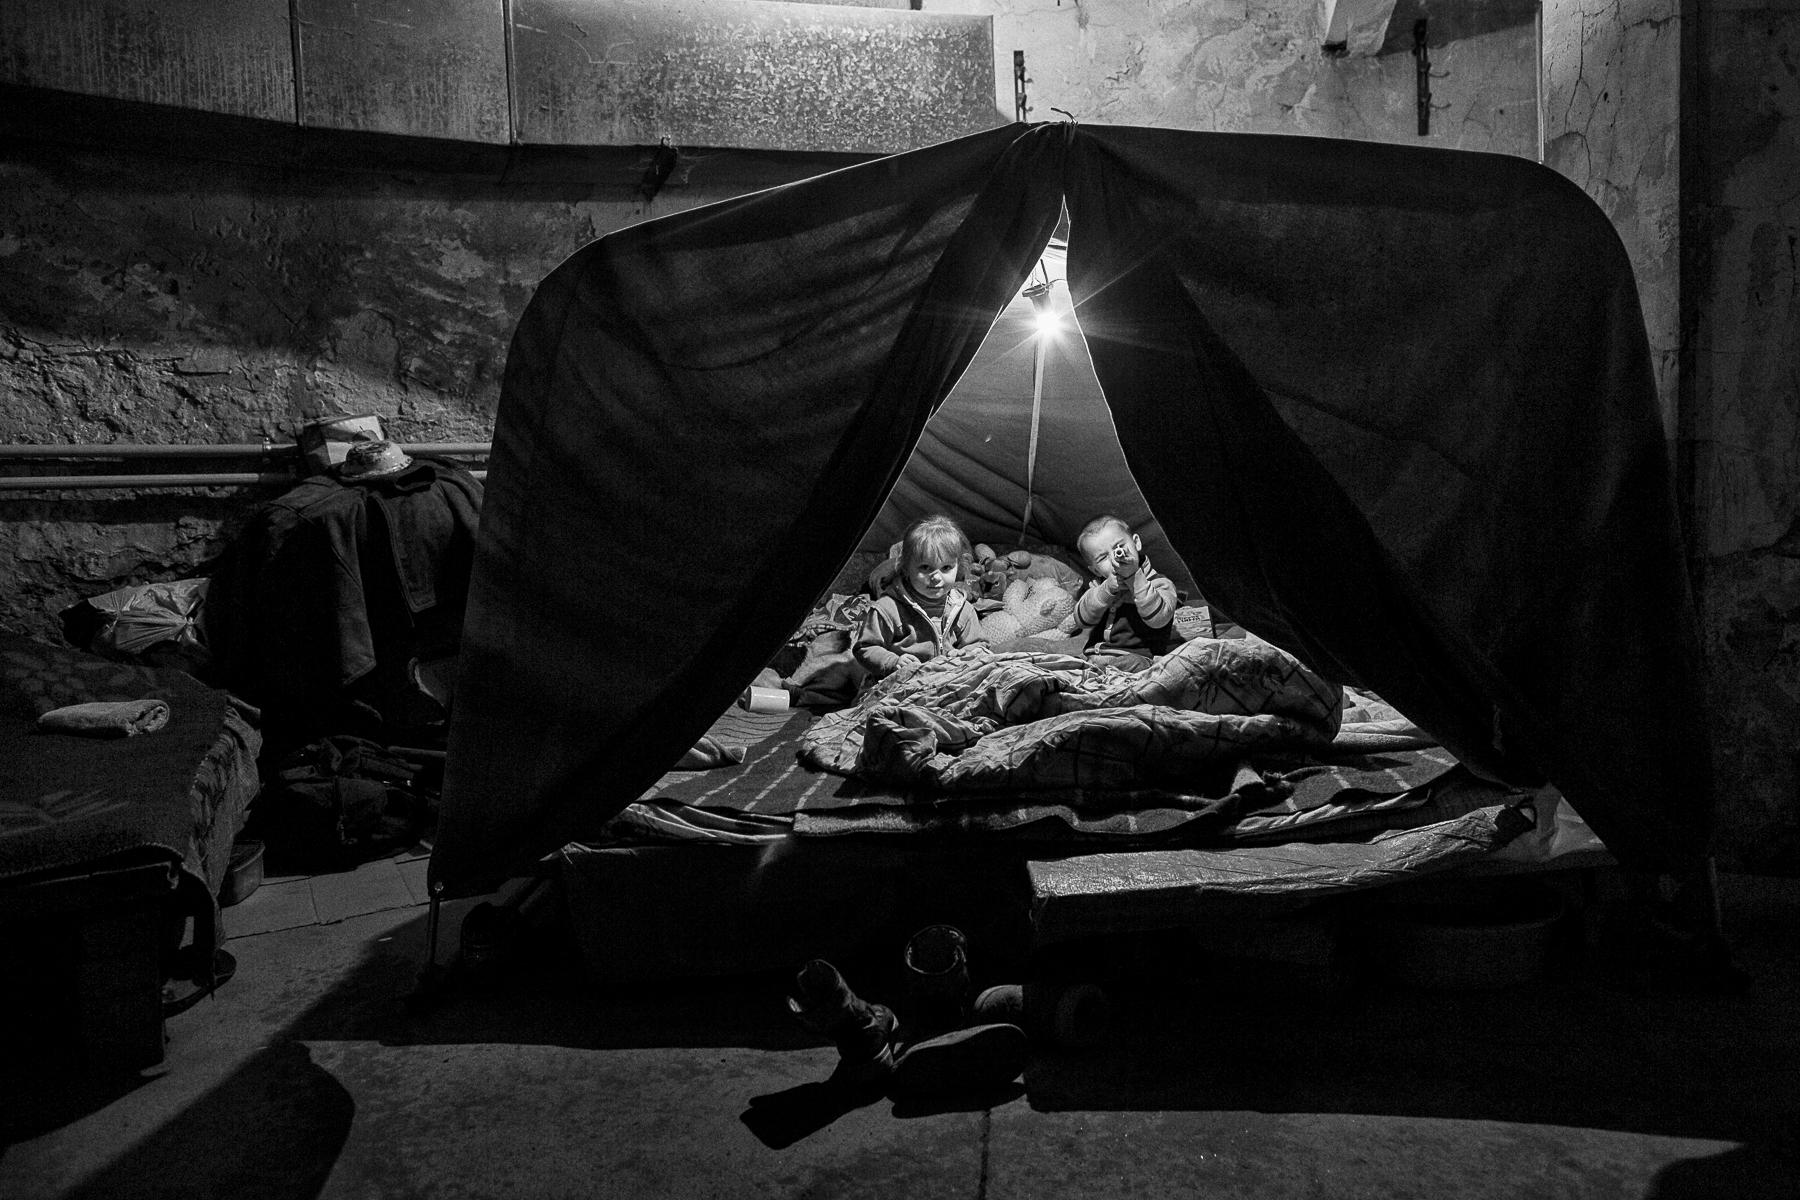 A Petrovski, quartier à l\'ouest de Donetsk,  quotidiennement bombardé par l\'armée ukrainienne, entre 200 et 500 personnes vivent depuis juillet 2014 dans les caves de la maison de la culture.Lila, 3ans et demie à gauche et Nikita, 4 ans, à droite jouent sous leur \{quote}tente\{quote}, un abri sommaire couvert de draps, dans les sous-sols de la maison de la culture.